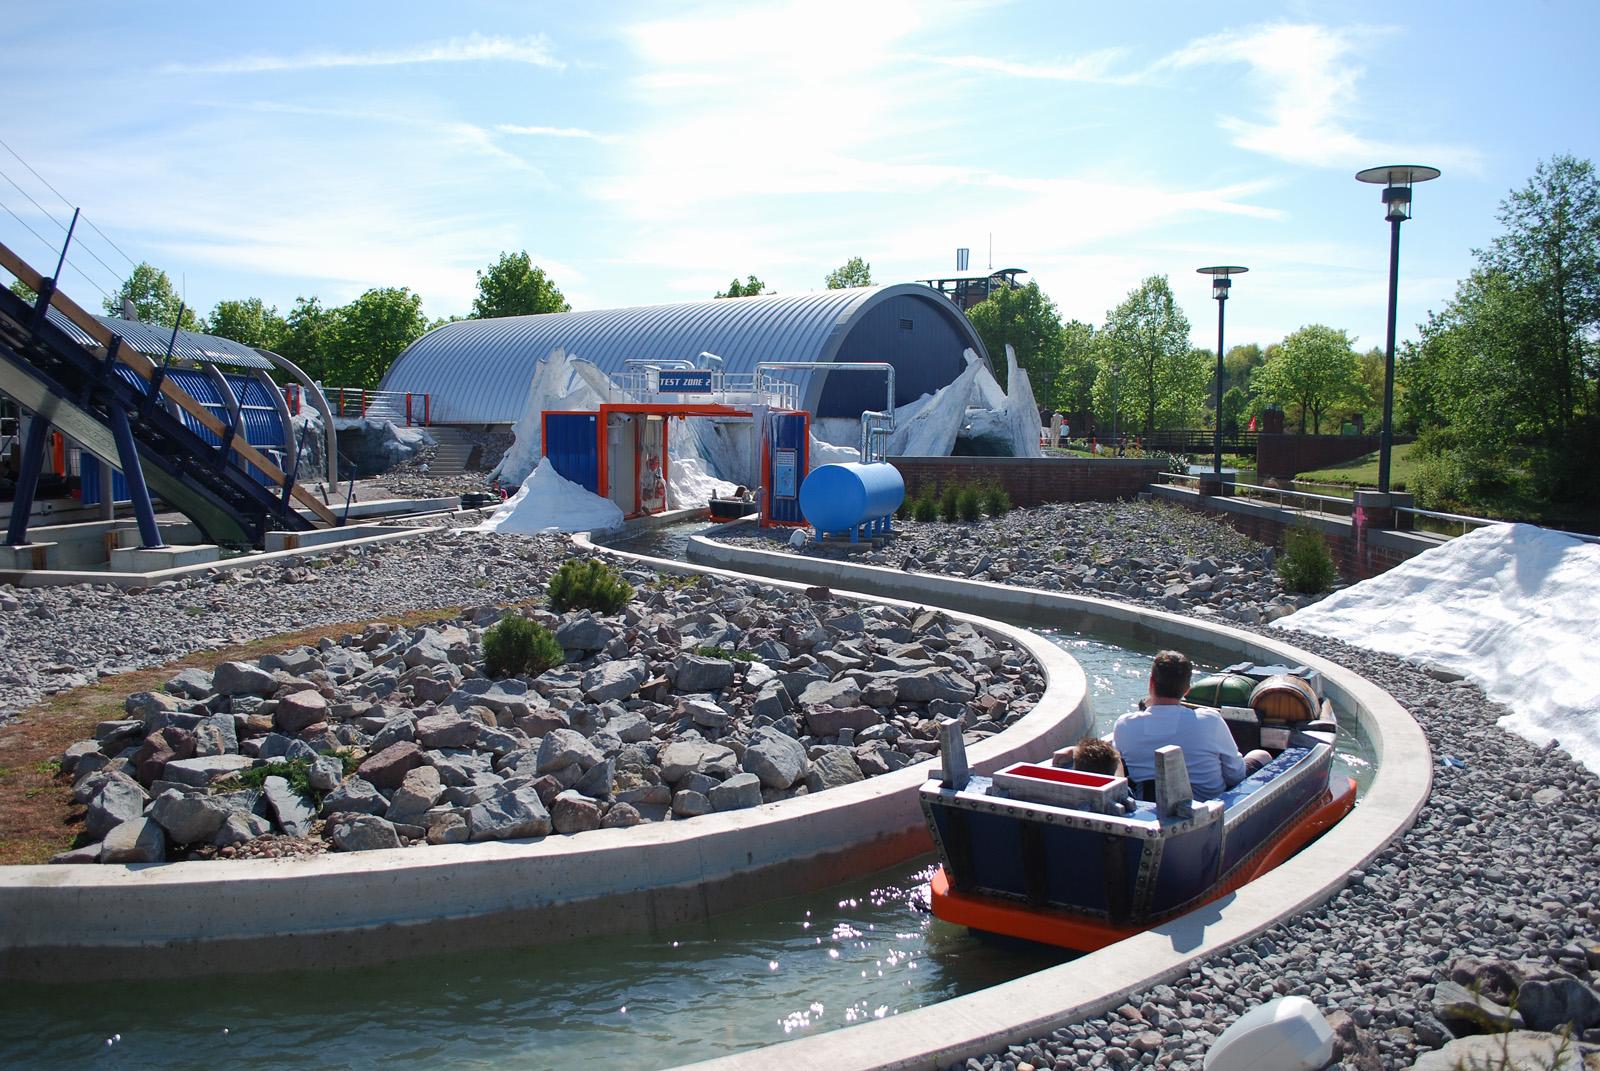 Oberhausen Sea Life Sea Life Abenteuer Park